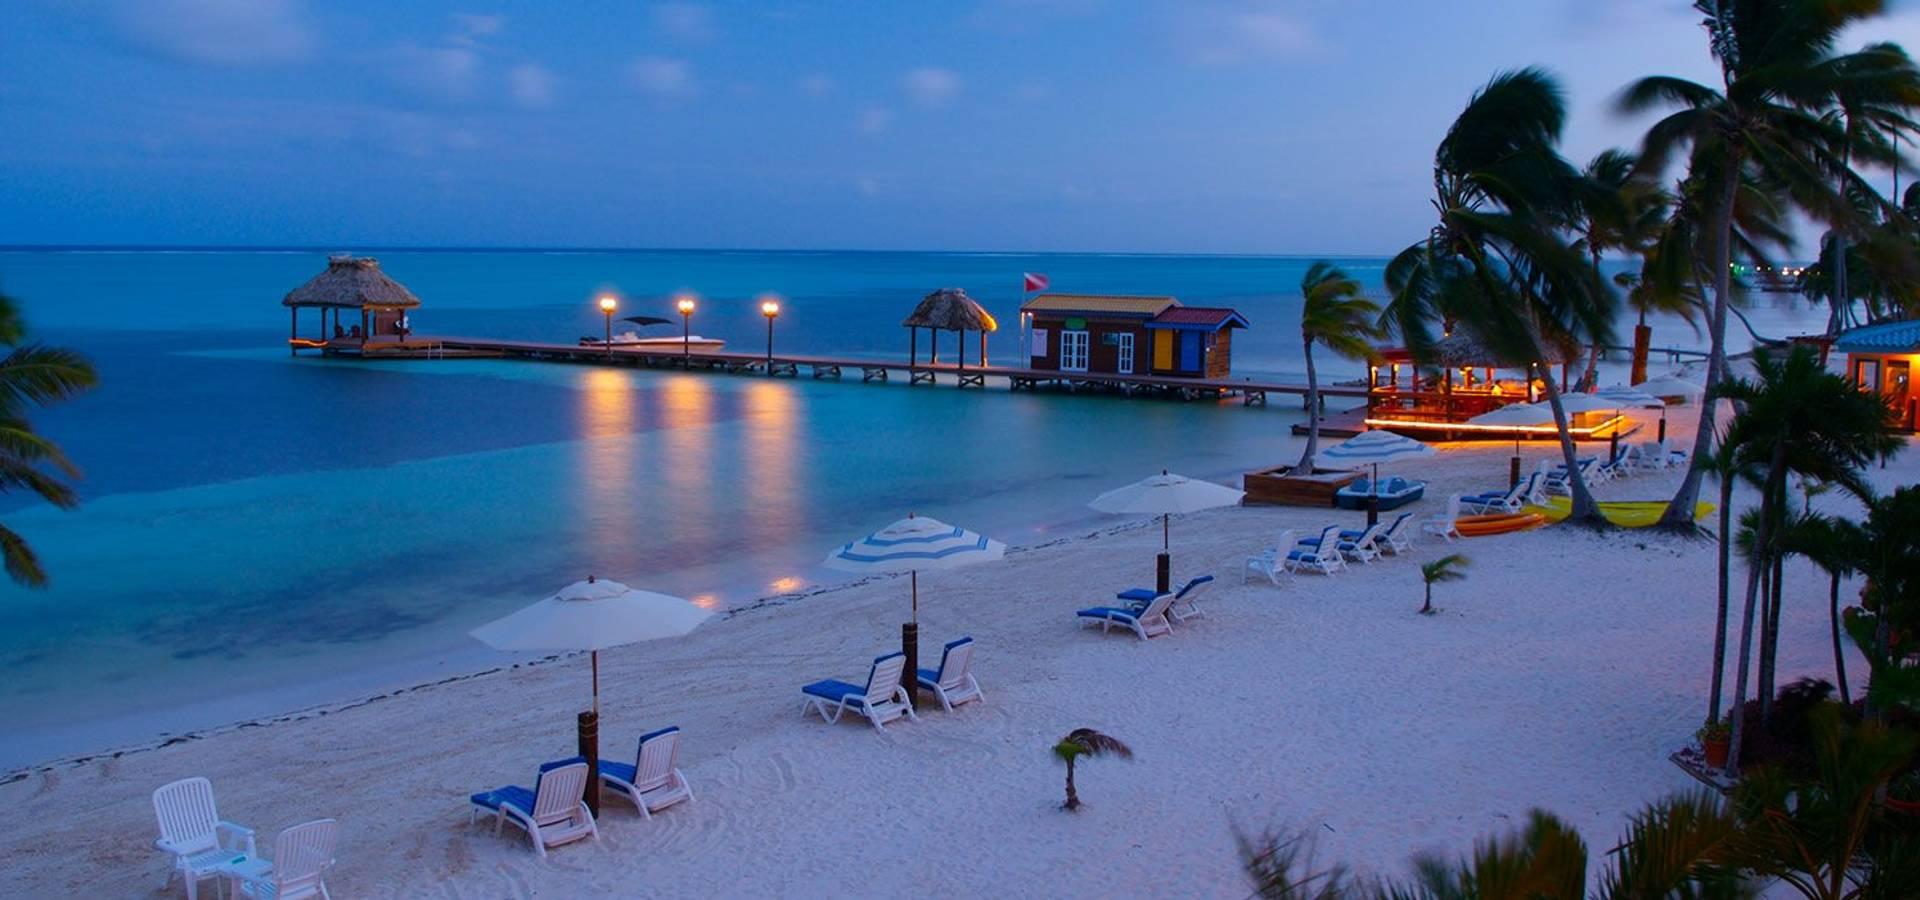 LX Belize Real Estate